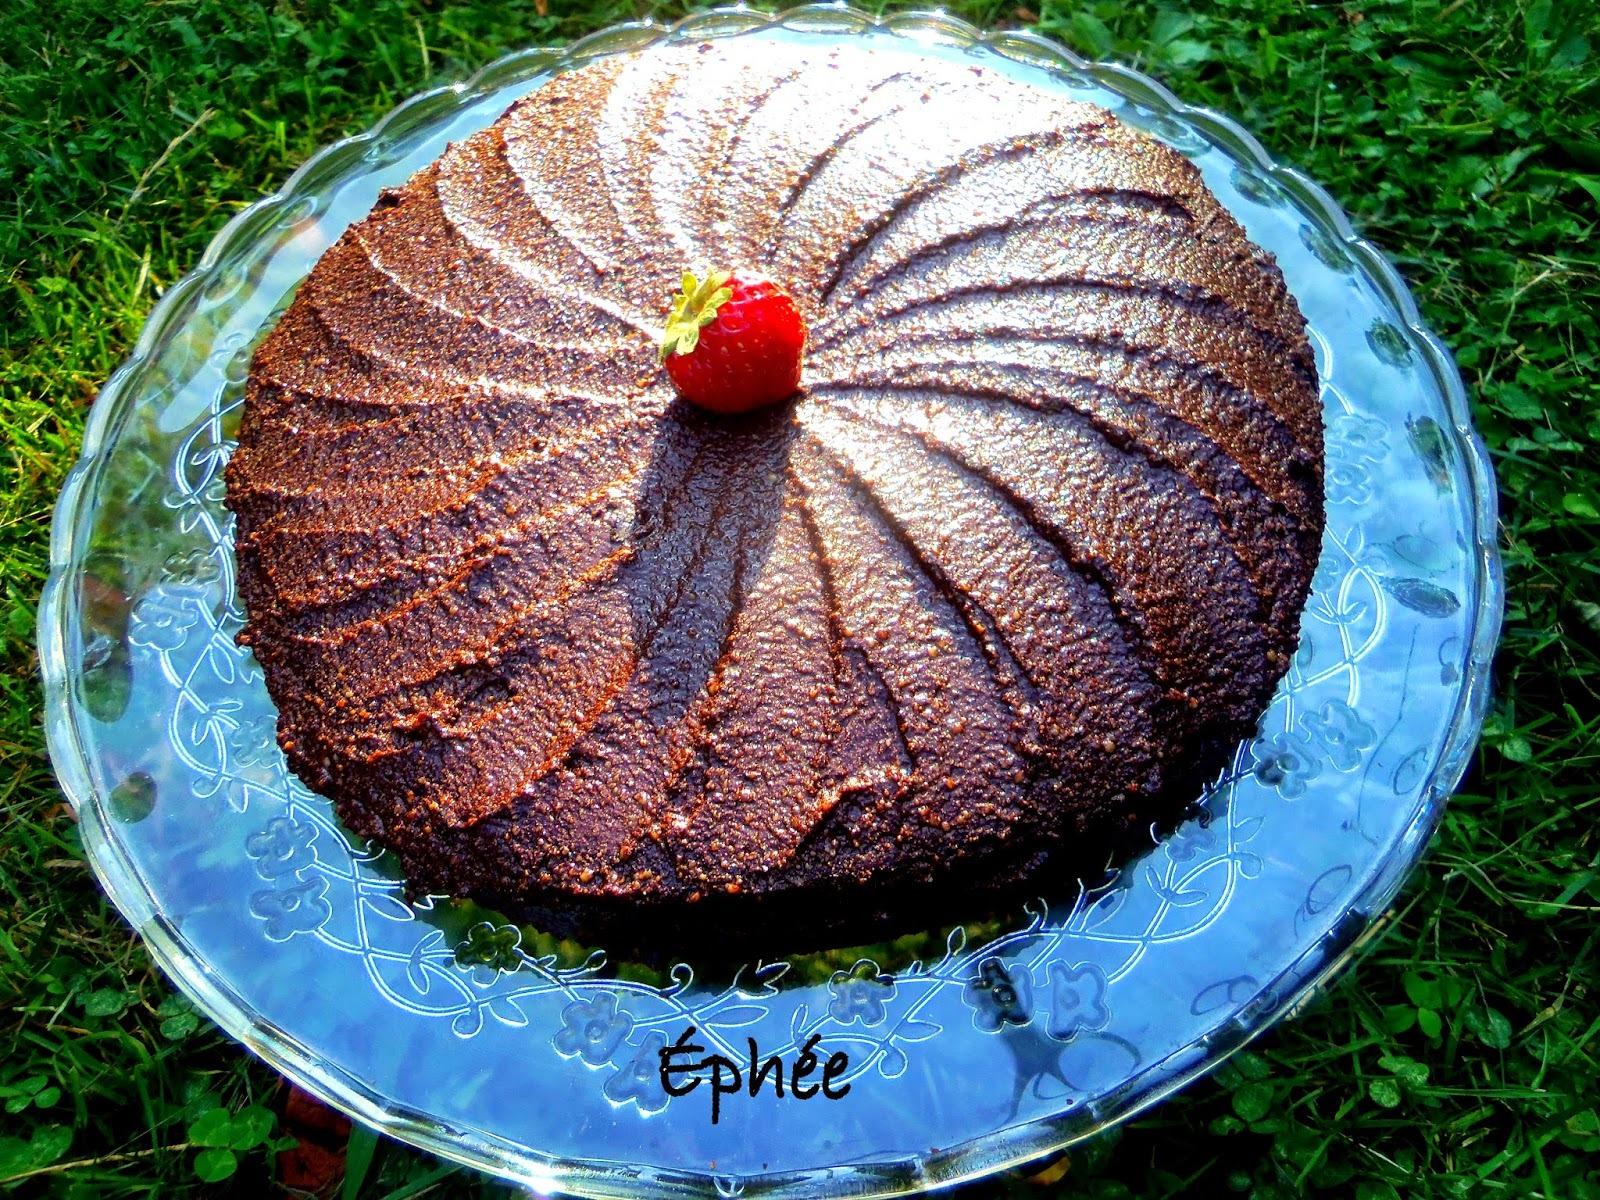 Gâteau aux haricots noirs et betteraves (et oui; c'est divinement bon!), glaçage au chocolat